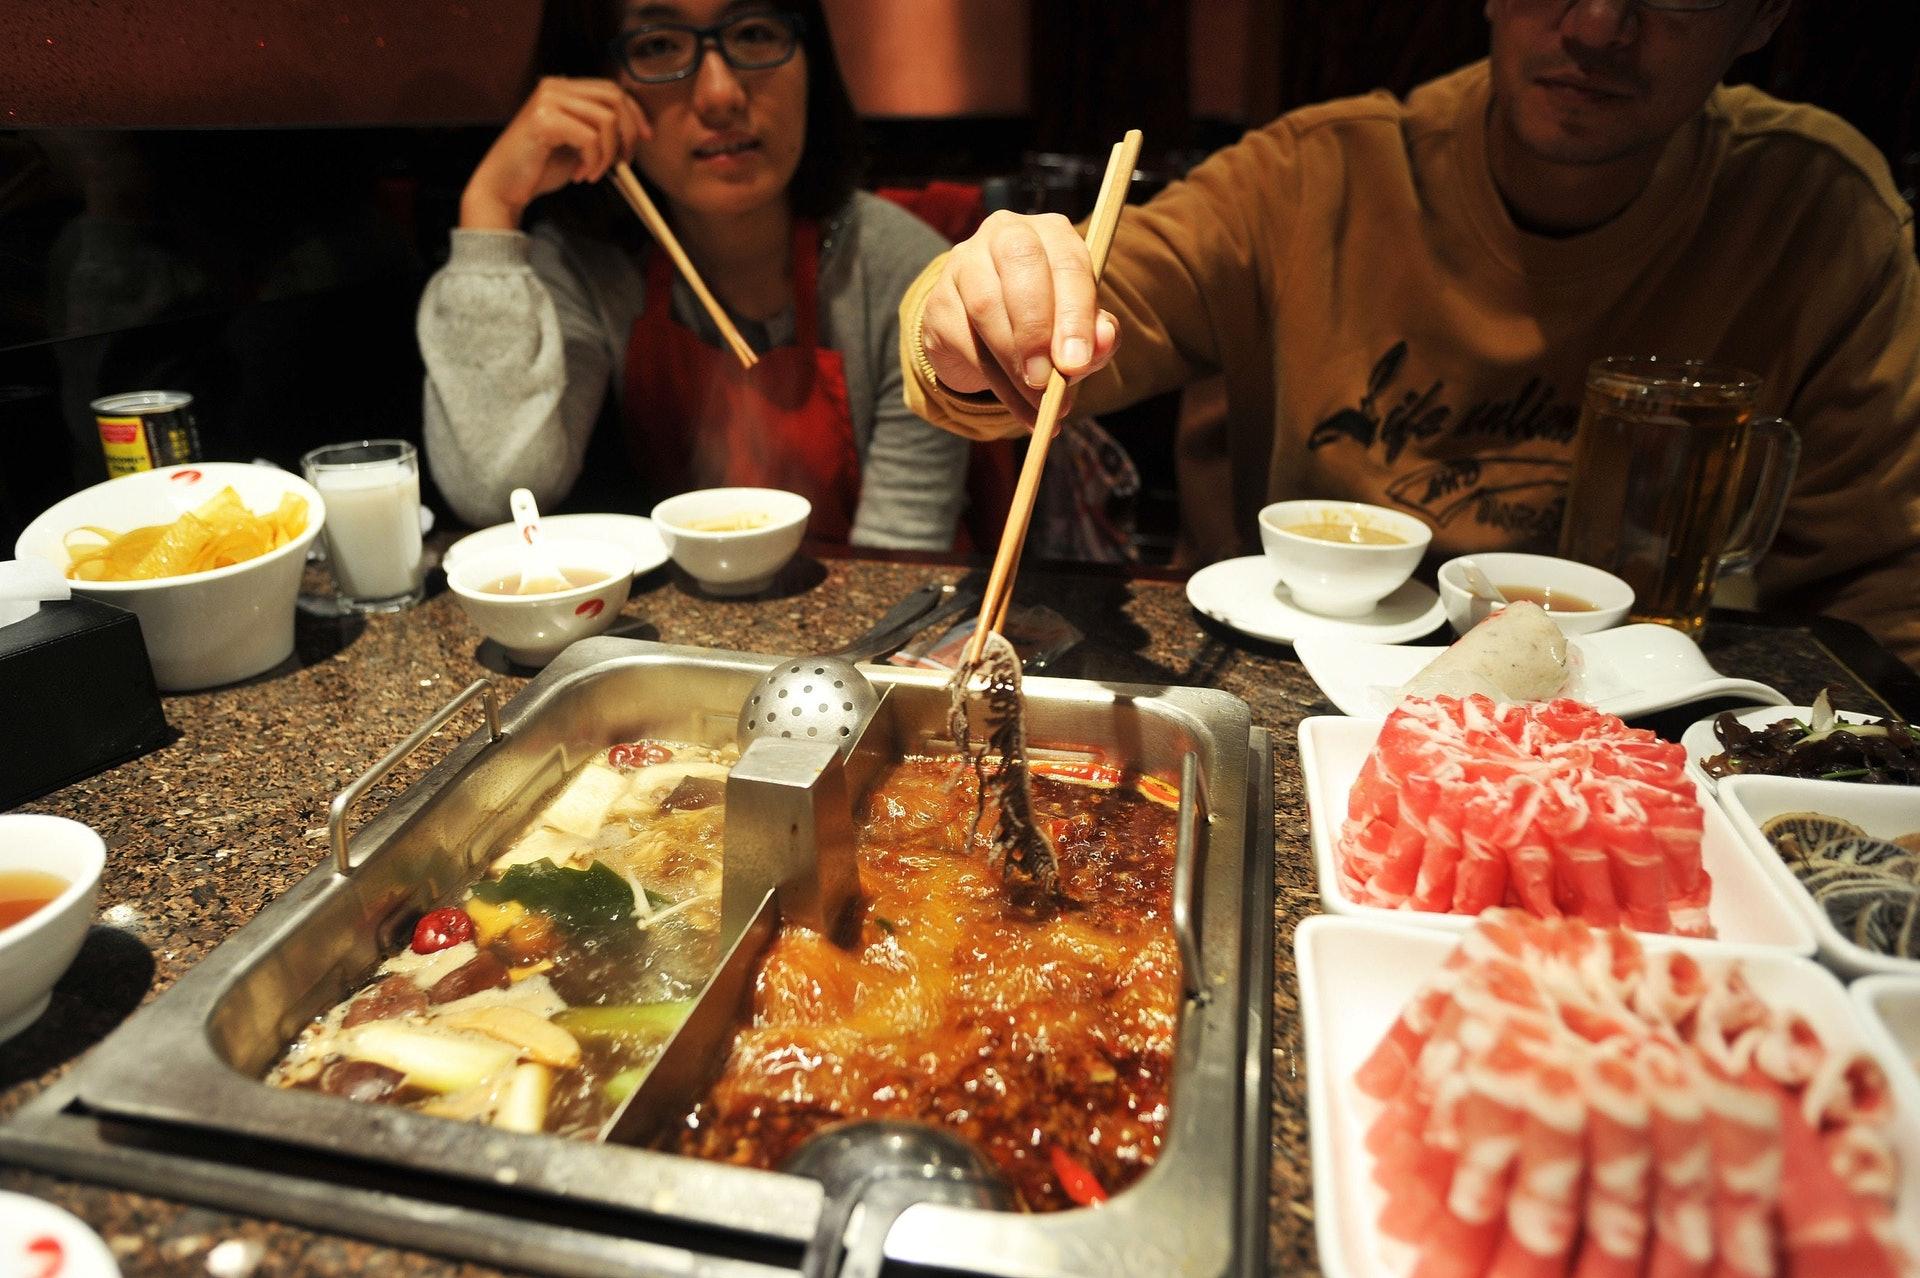 打邊爐進食時間比較長,不少人外出吃任食放題時,更容易因「唔執輸」心態而過量進食。(VCG)